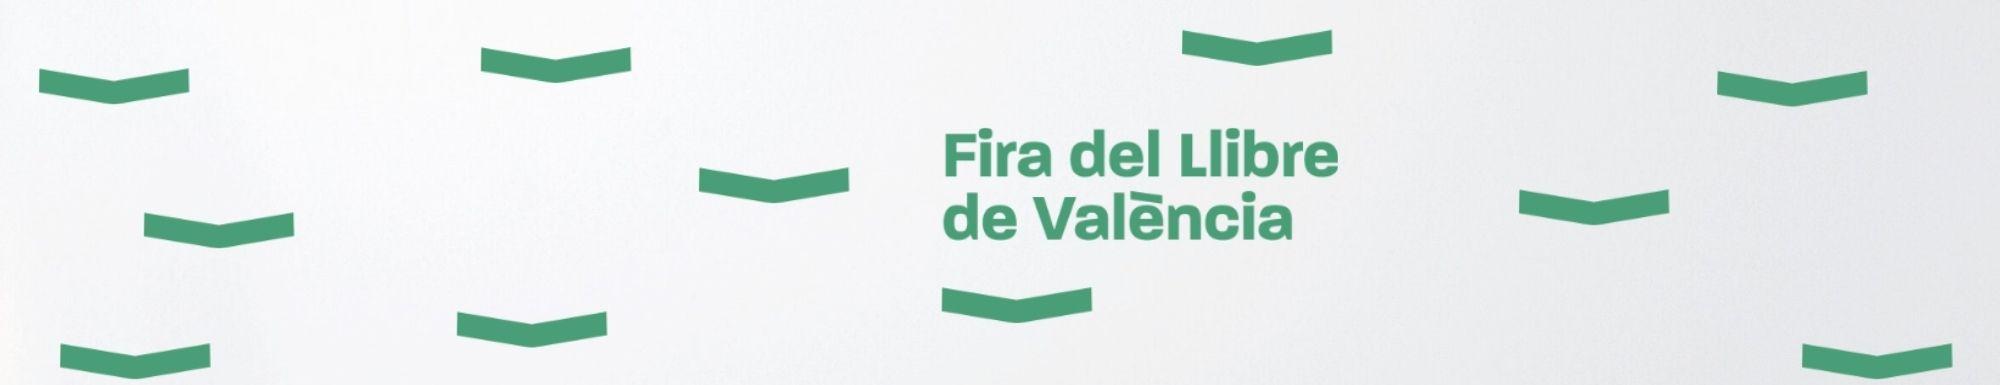 Calendario de firmas Algar Editorial Feria del Libro de Valencia